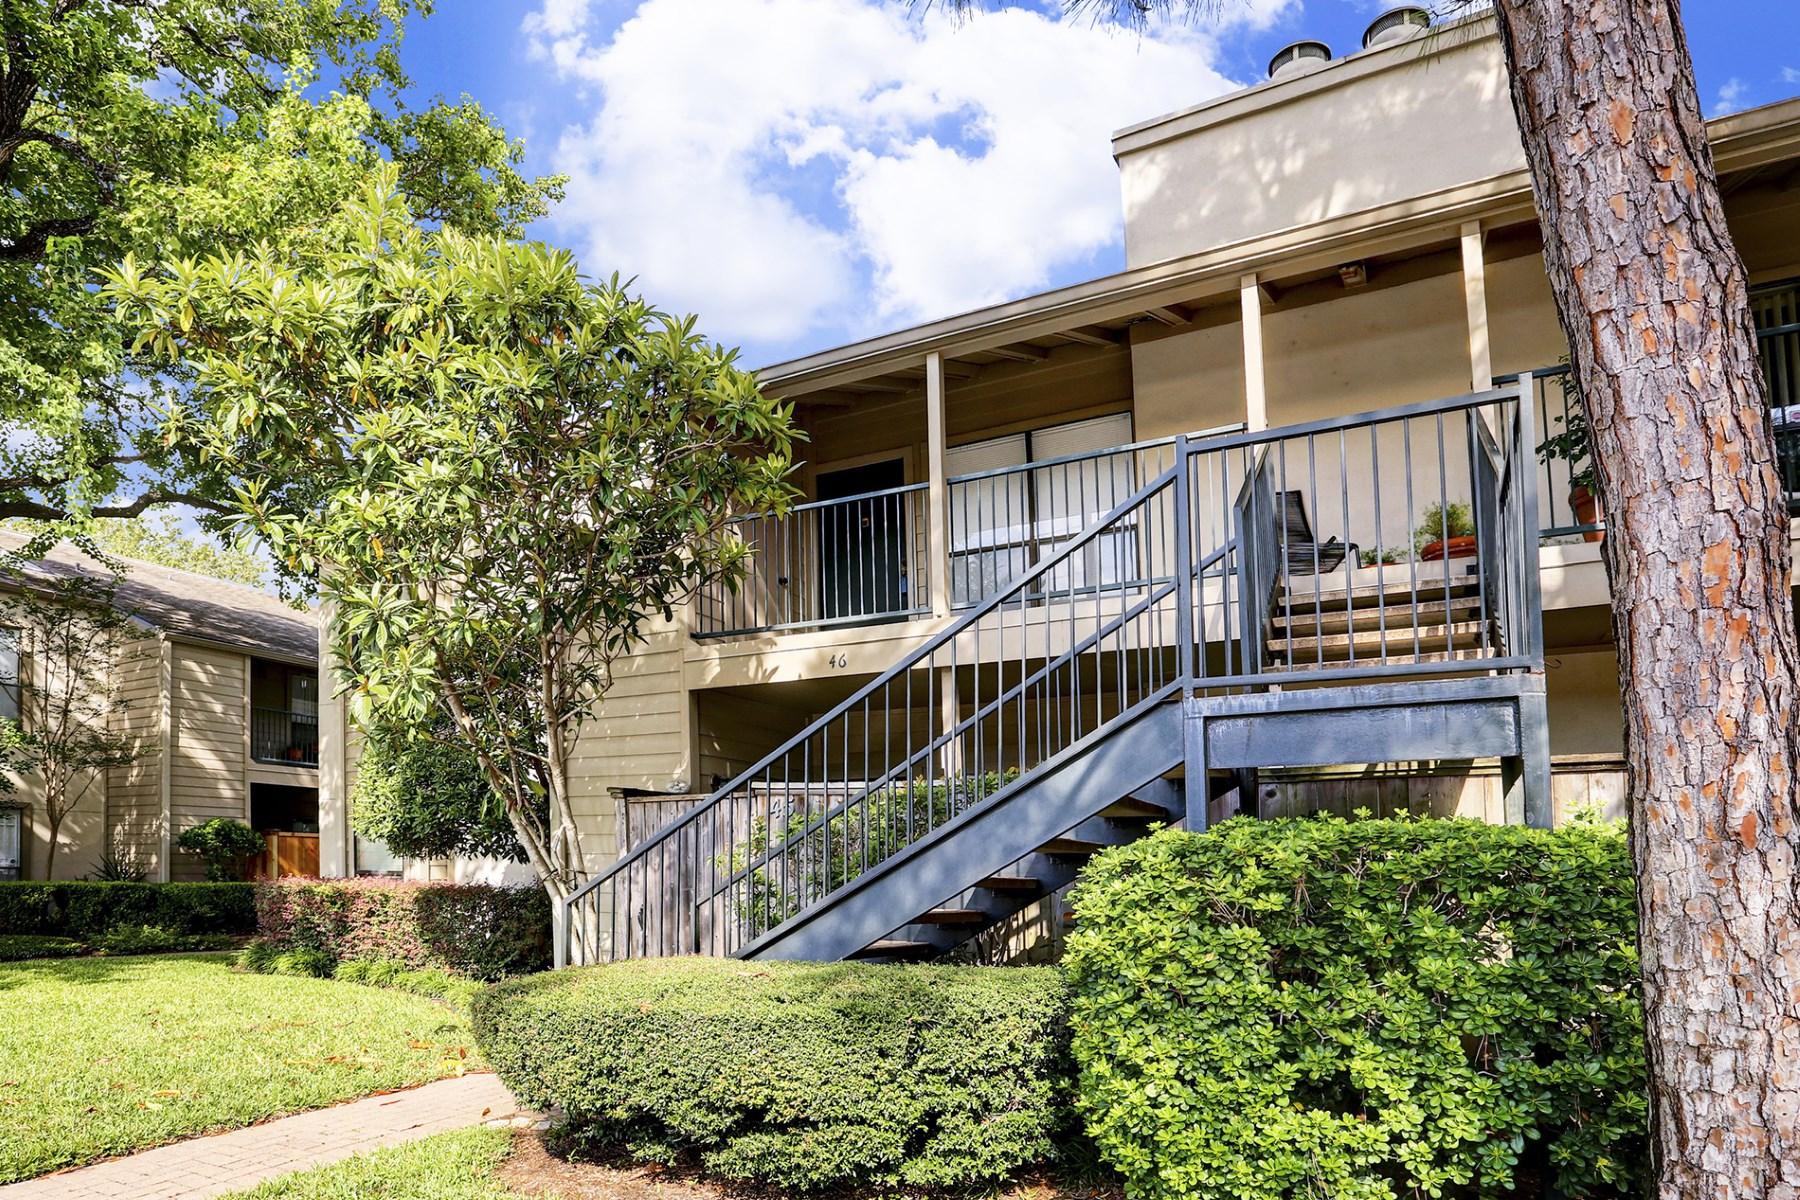 共管式独立产权公寓 为 销售 在 1100 Augusta Drive 1100 Augusta Drive Unit 46, Briargrove, 休斯顿, 得克萨斯州, 77057 美国